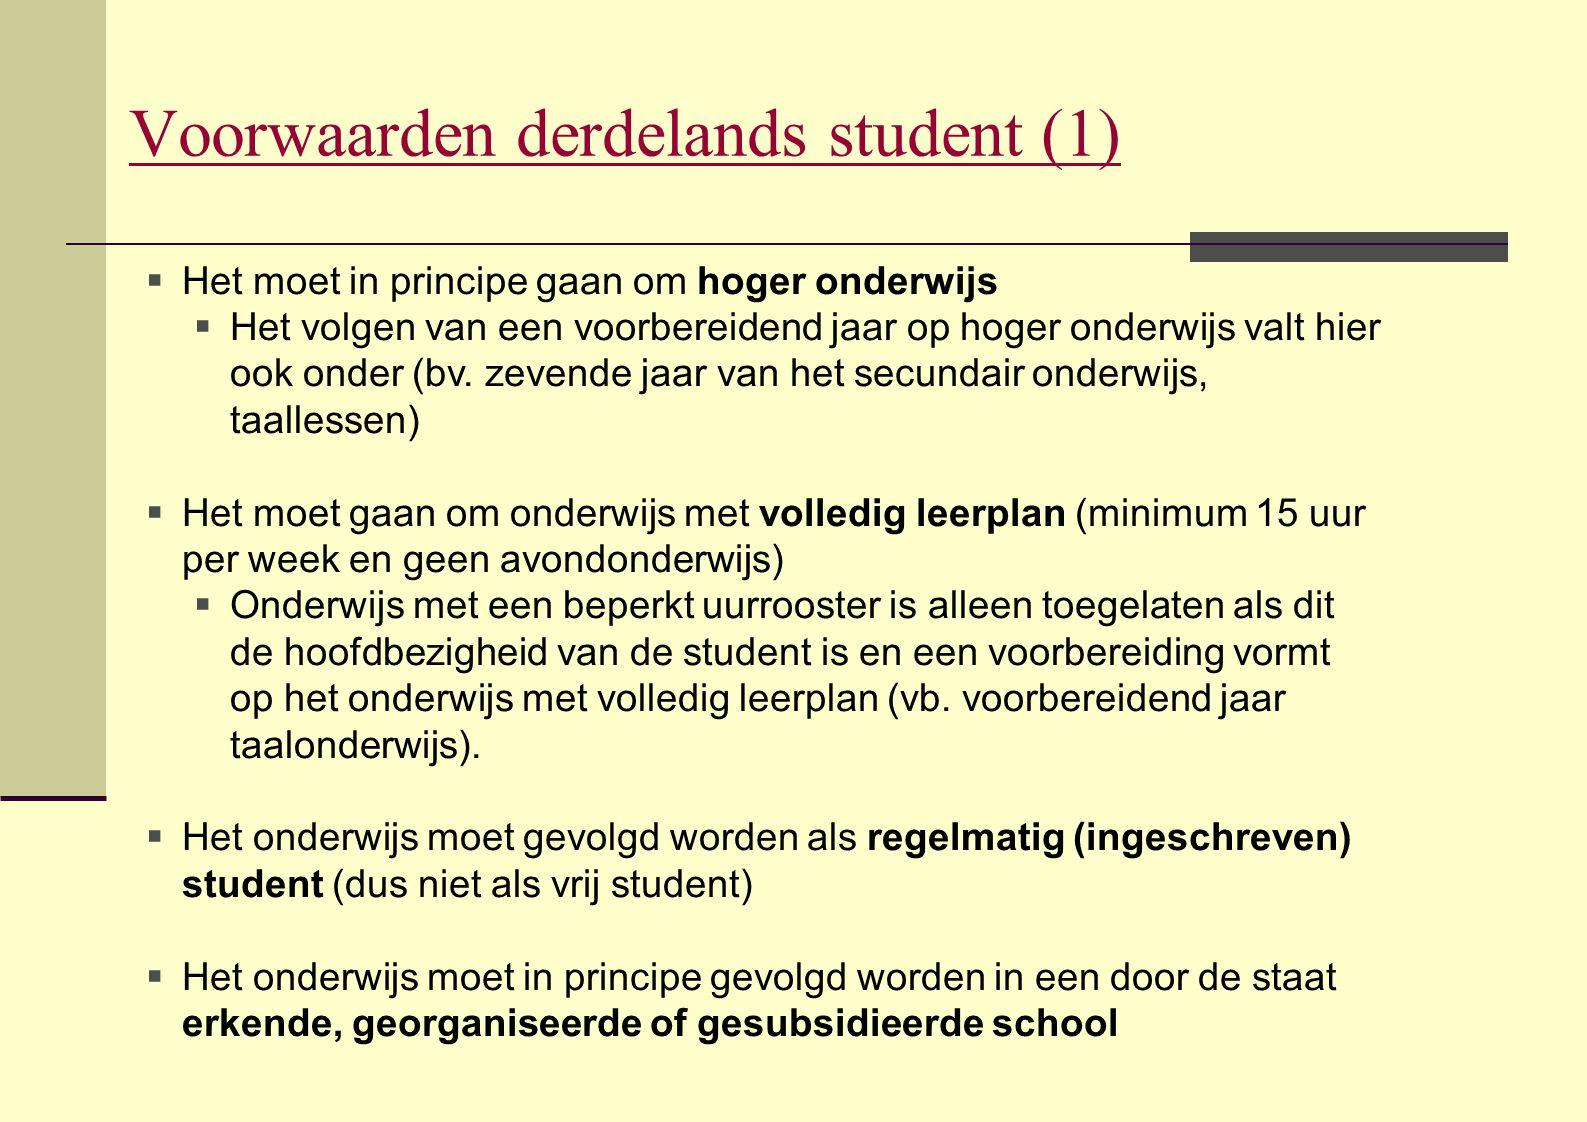 Voorwaarden derdelands student (1)